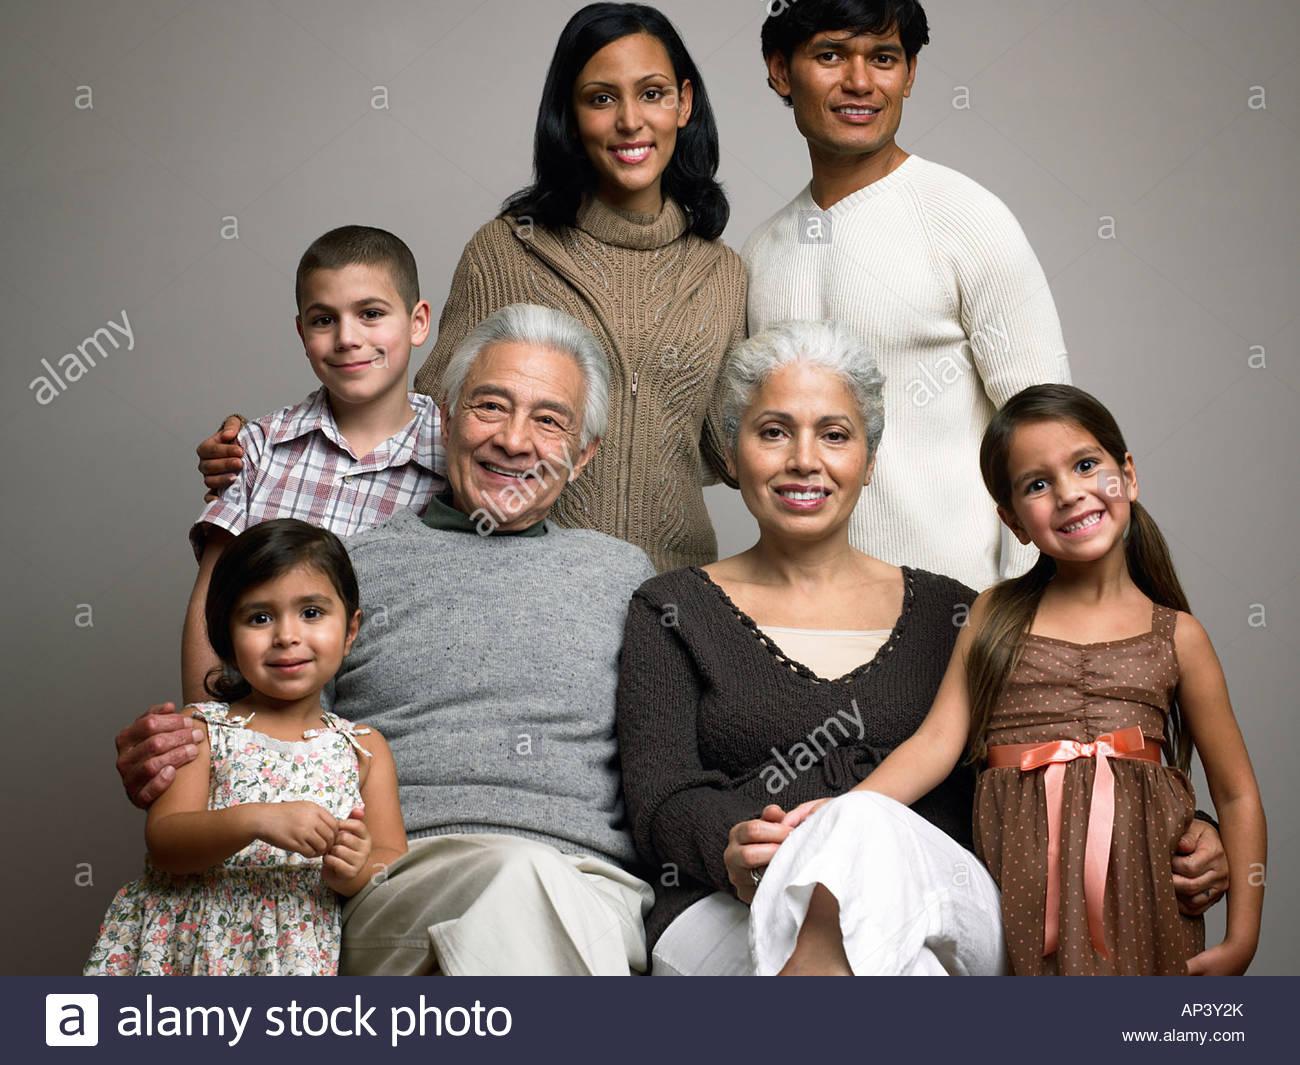 Retrato de familia Imagen De Stock